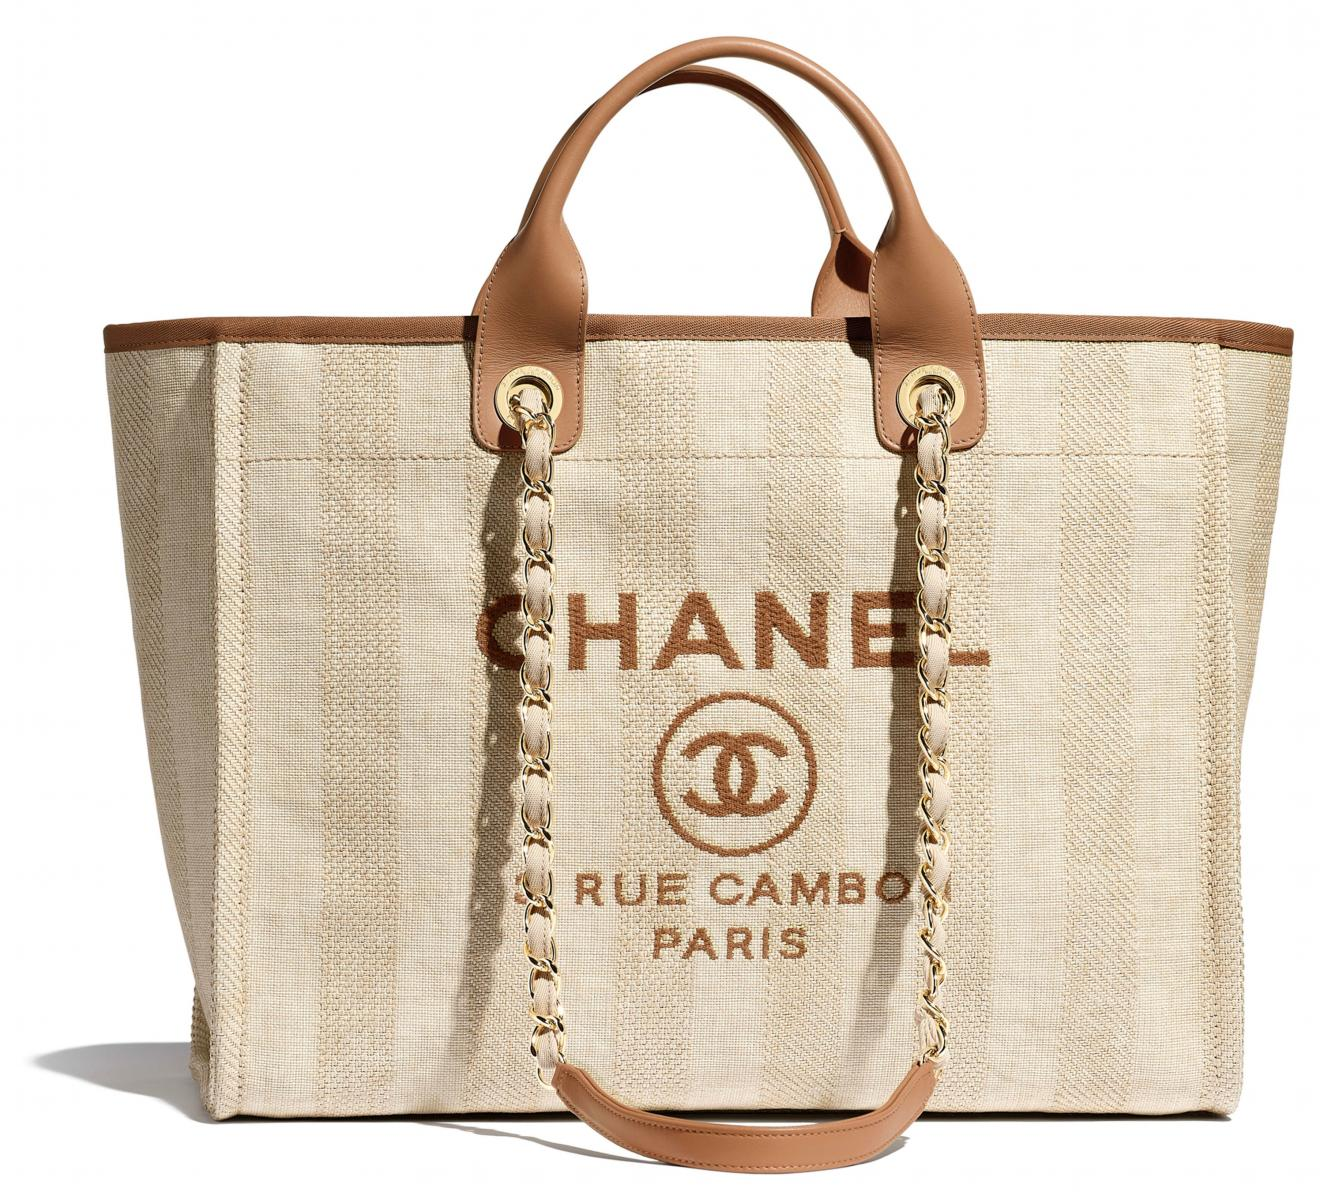 2021帆布包推薦Top10,Chanel、Celine、Dior...全都有,大容量輕旅行首選-0